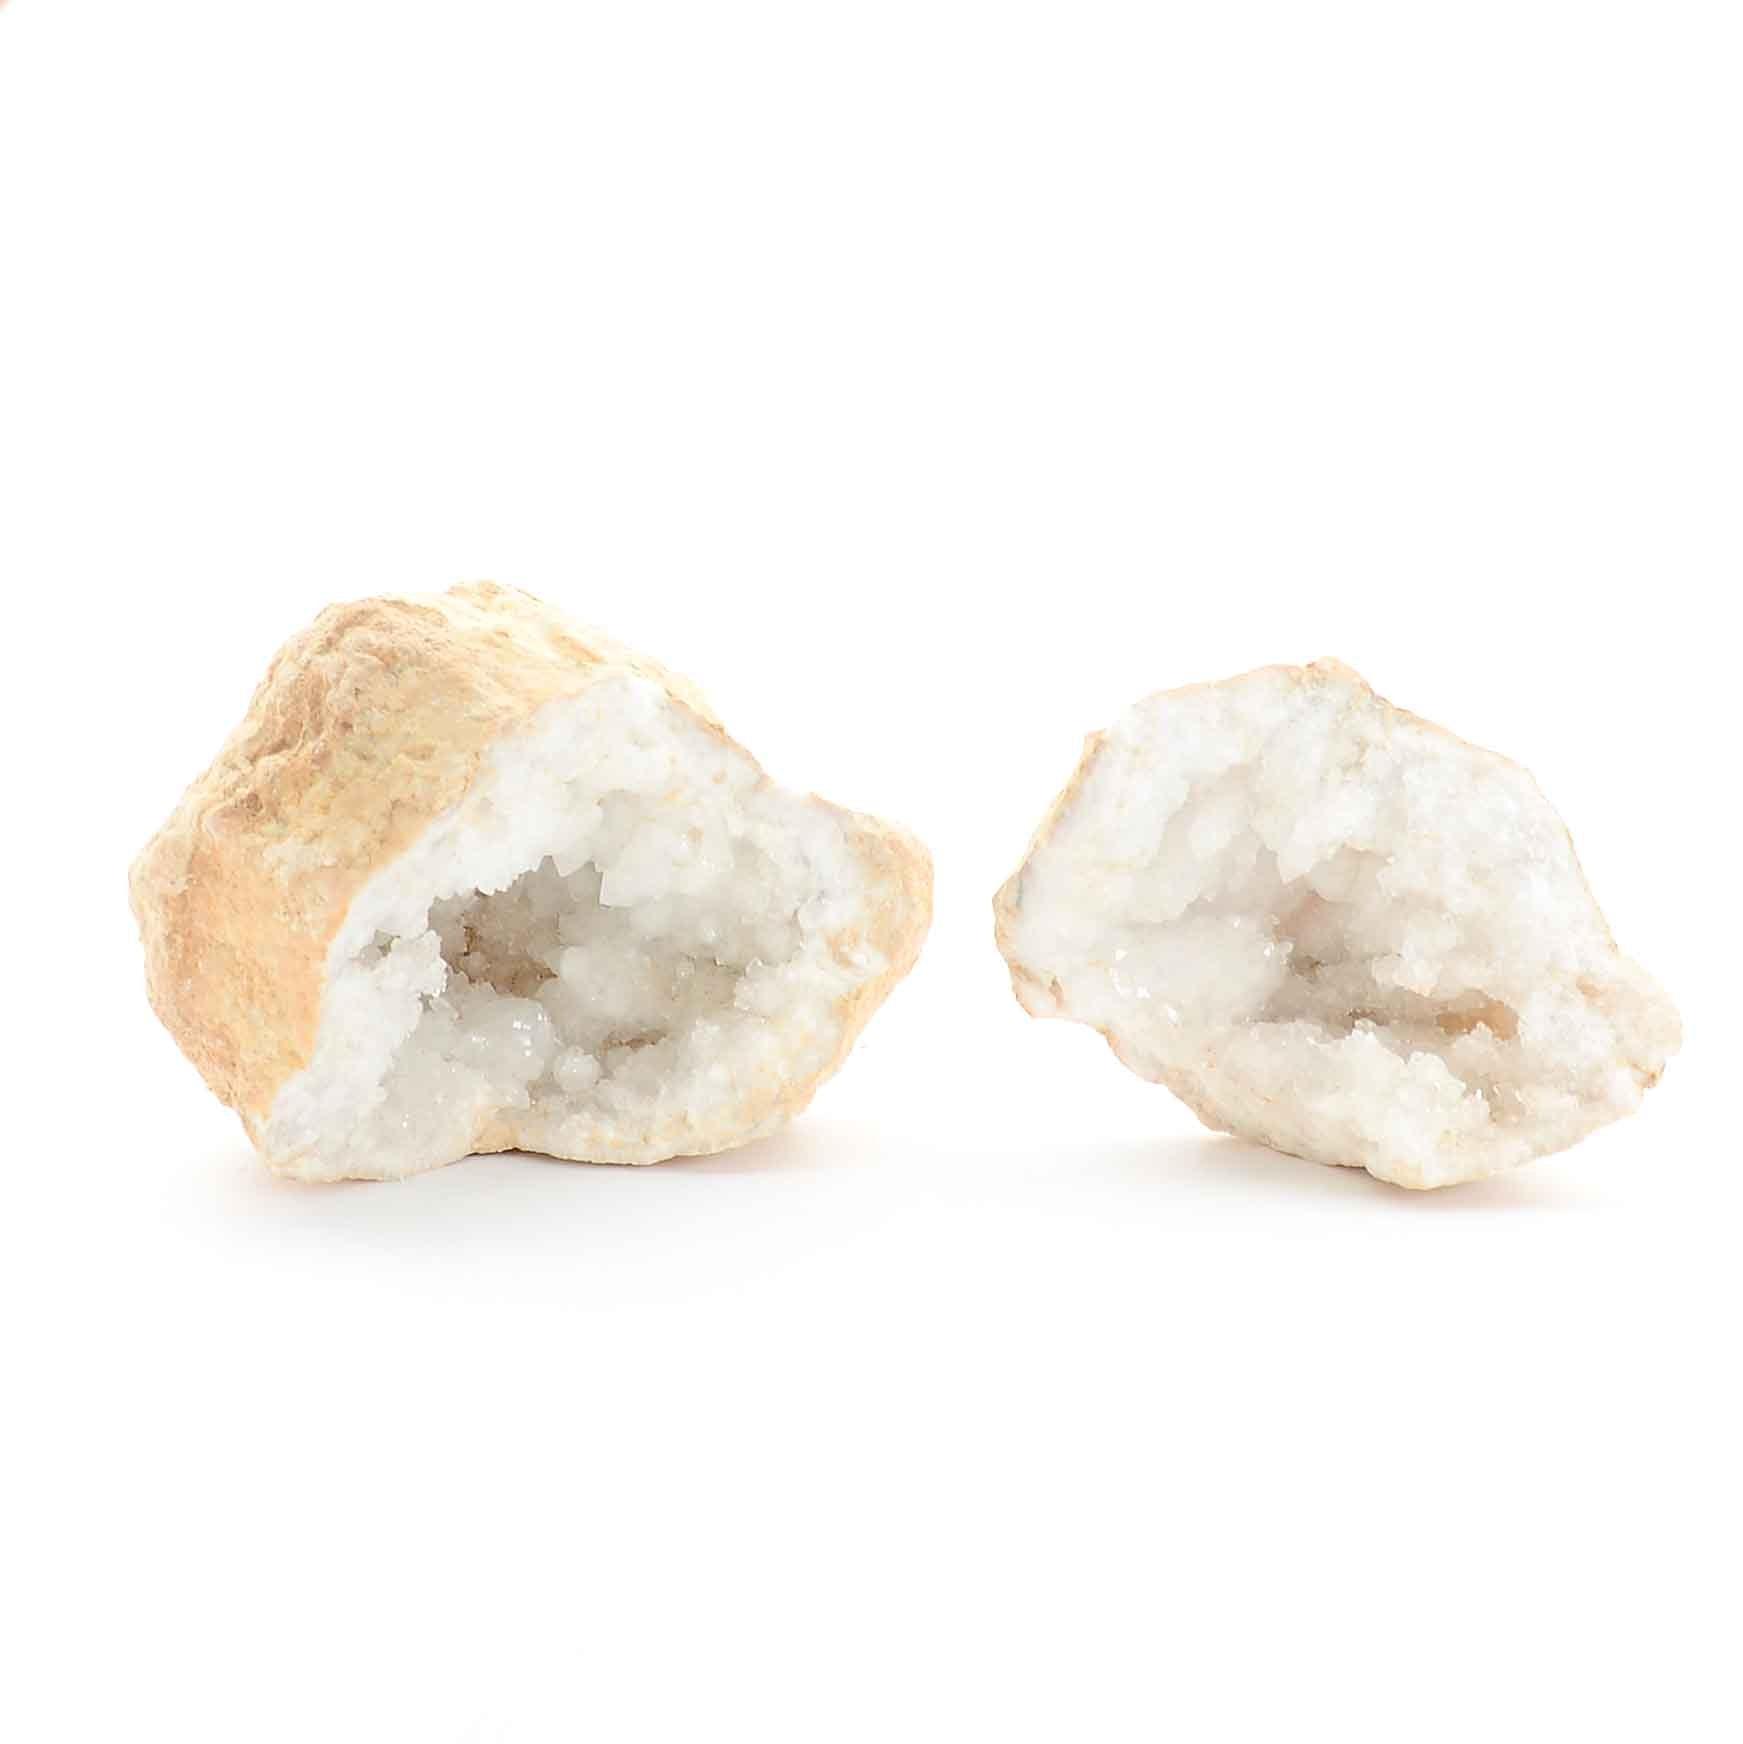 Quartz Geodes